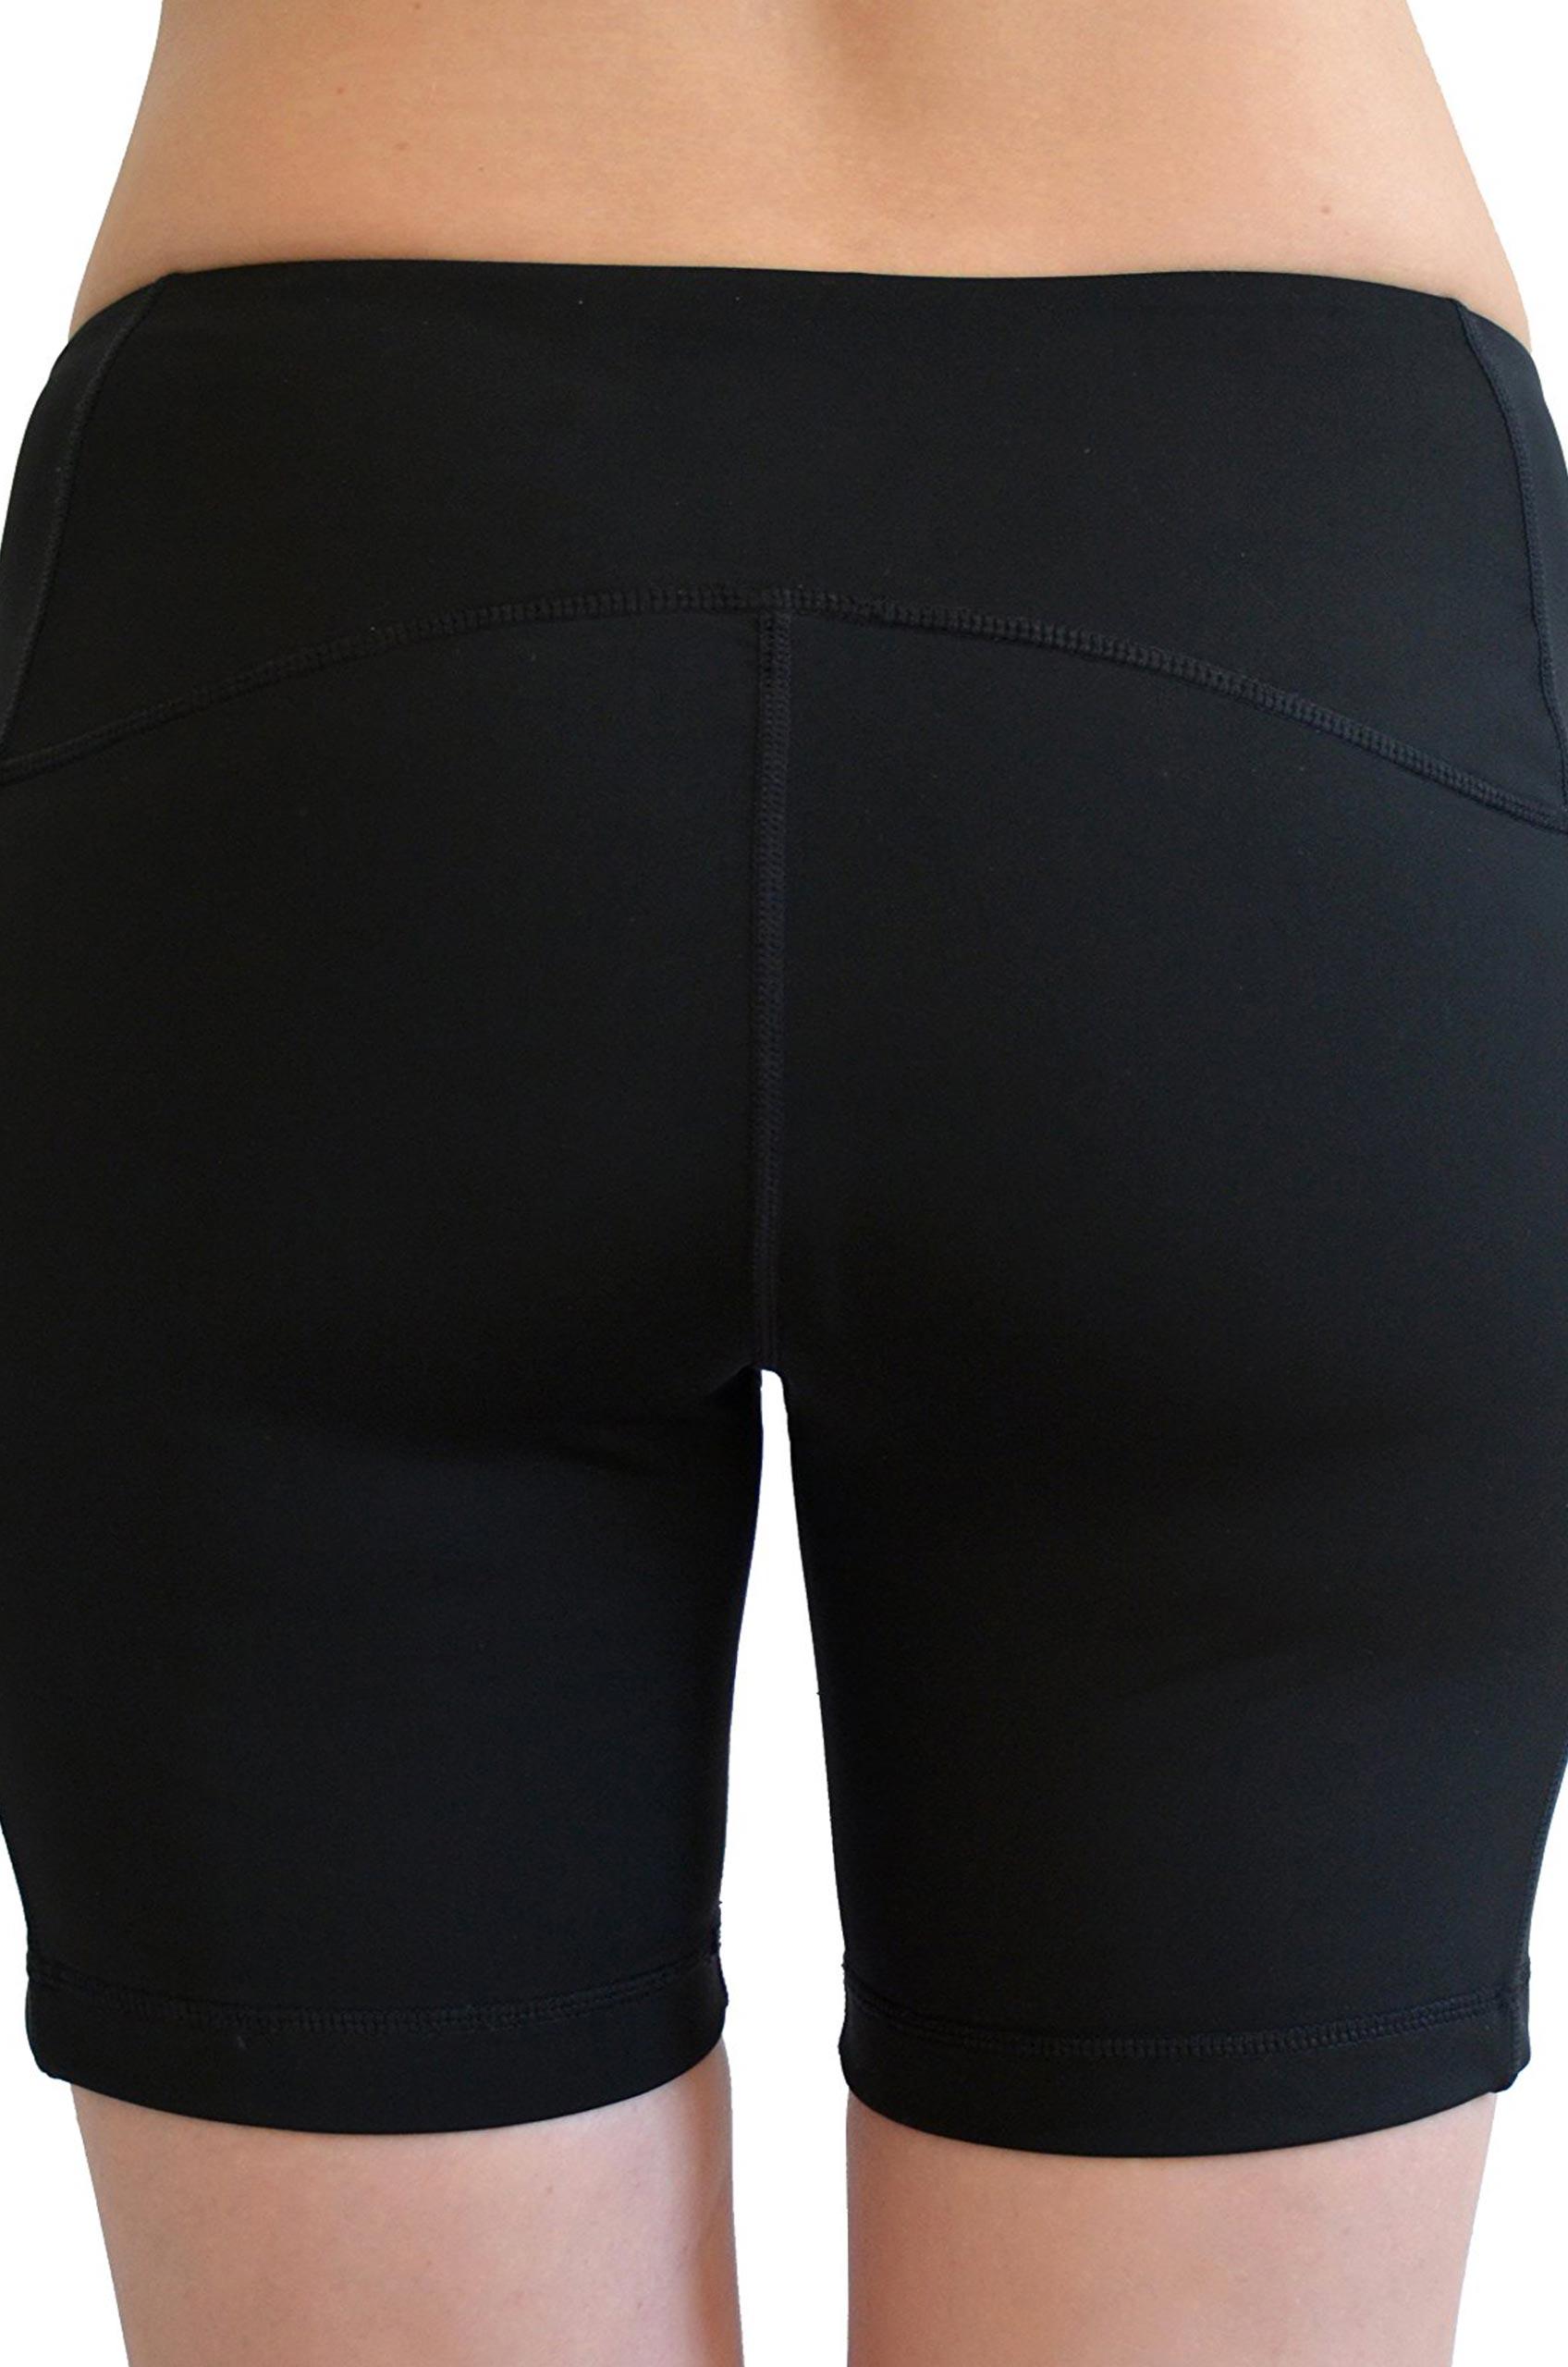 Plus Size Pocket Mid Waist Yoga Shorts